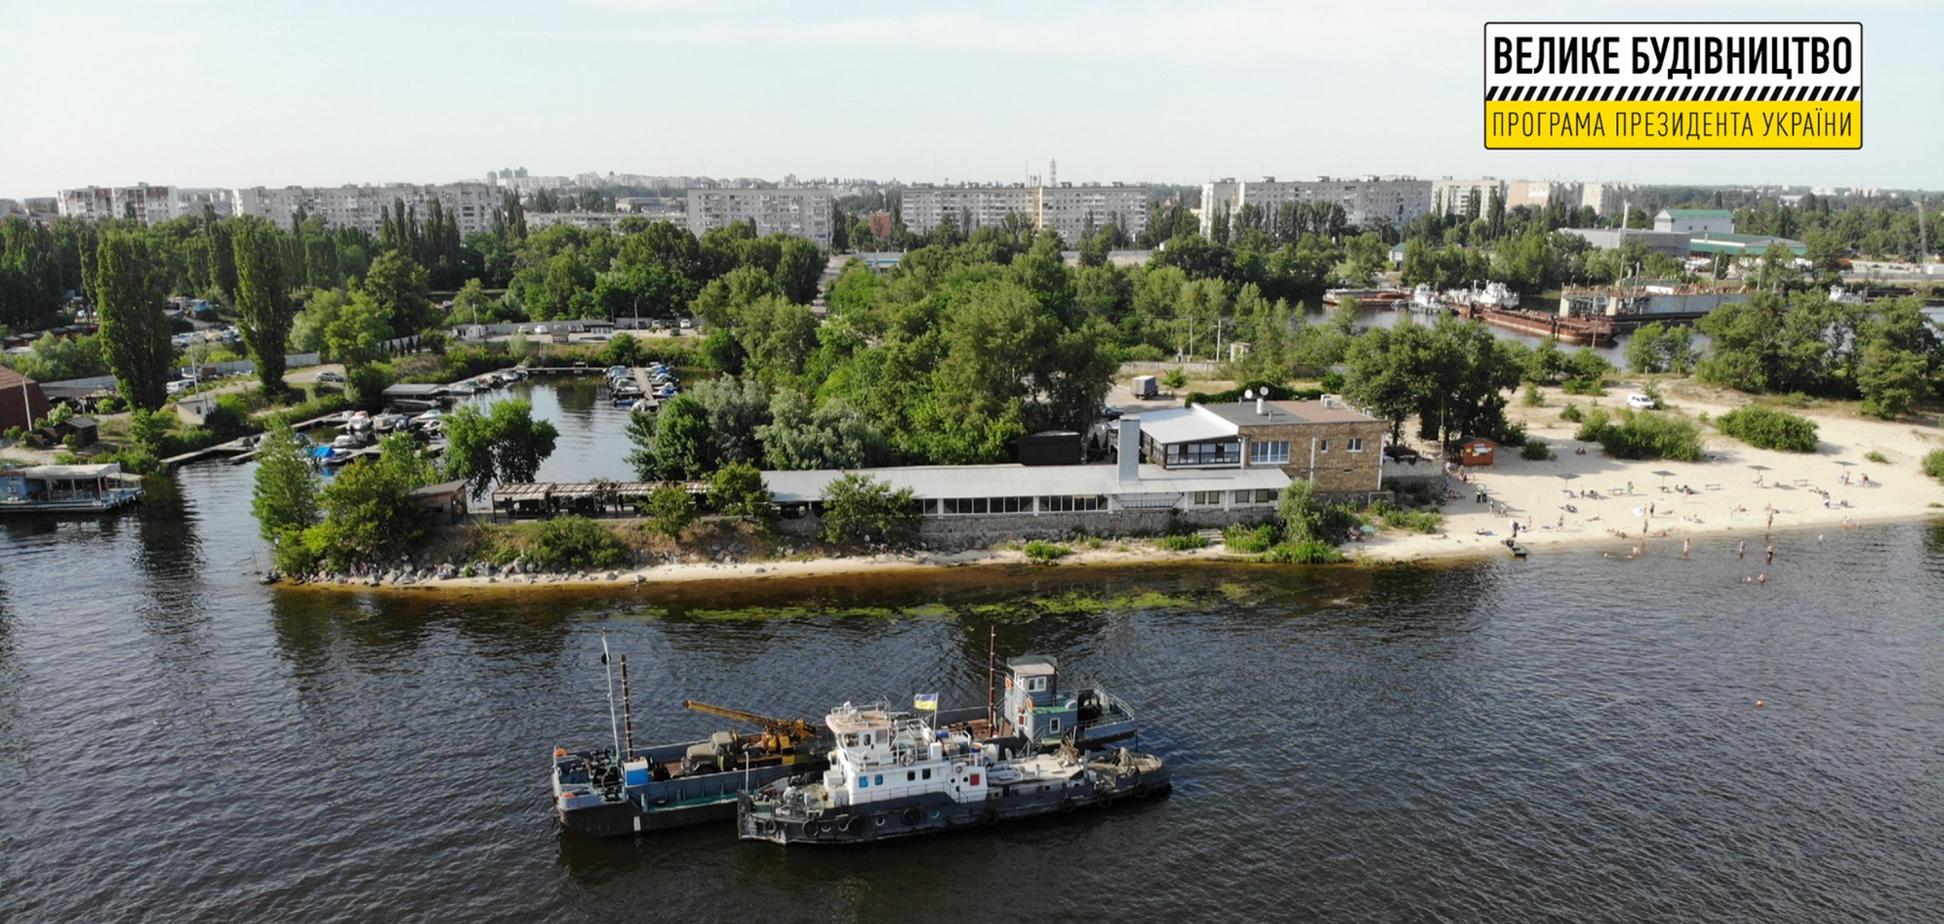 У Кременчуці побудують новий міст через Дніпро